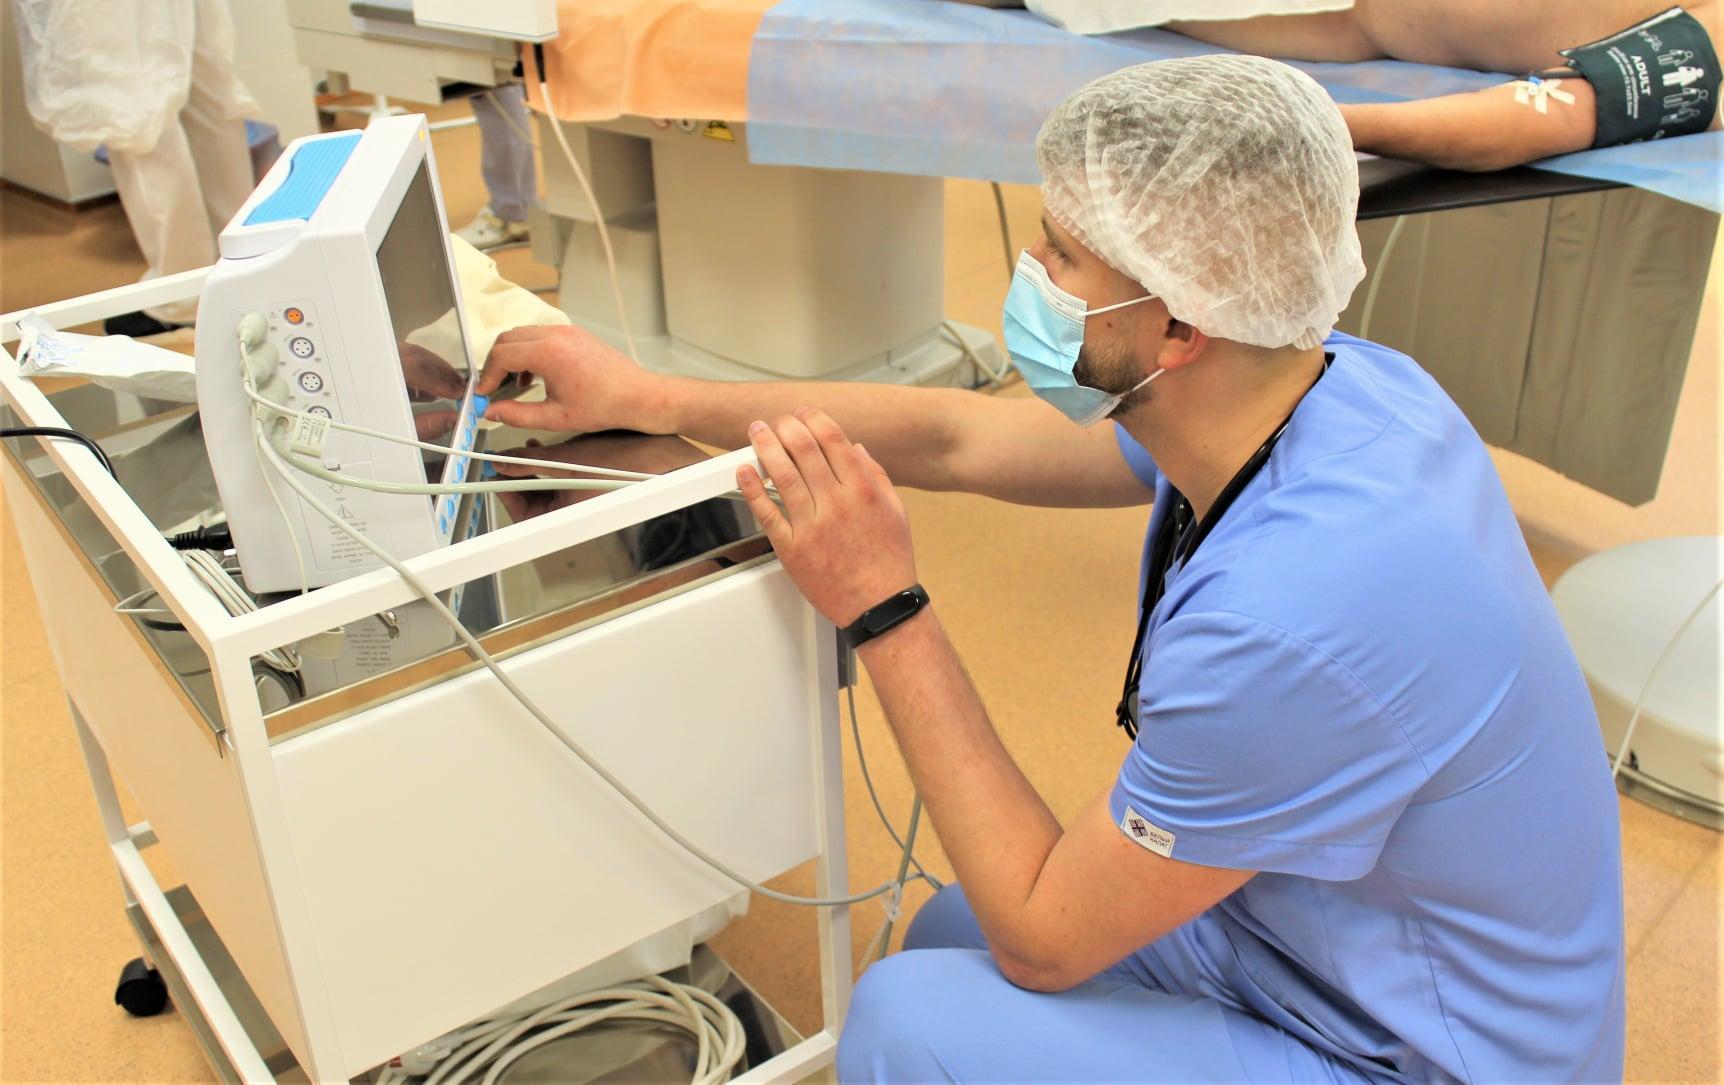 У Могилеві-Подільському відкрили центр для допомоги пацієнтам з інфарктами та інсультами (Фото)